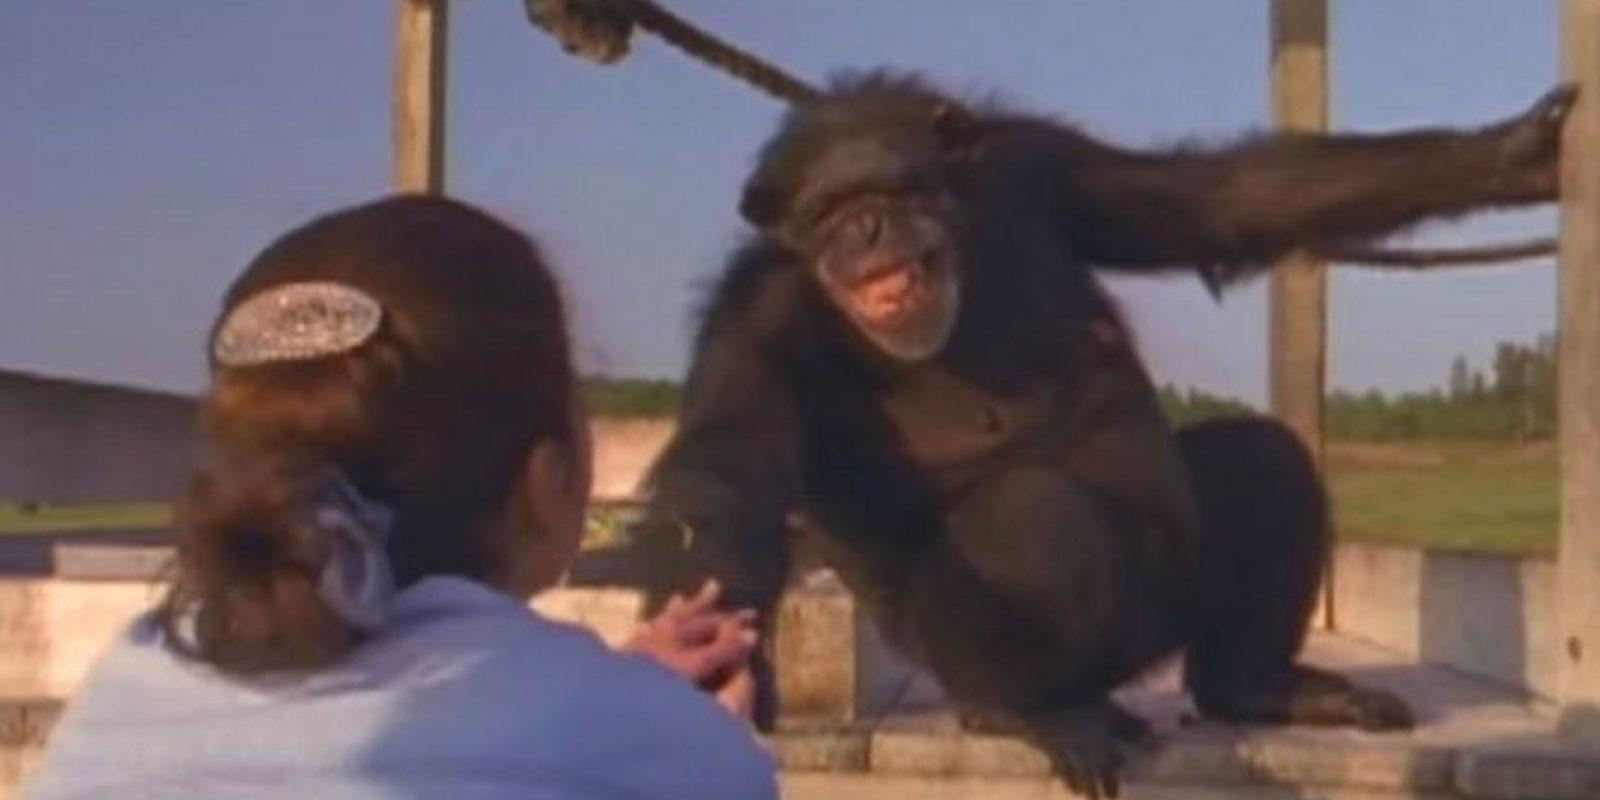 El momento en que un chimpancé le sonríe a quien le salvó hace 25 años se volvió viral, aunque fue grabado hace dos años Foto:PBS. Imagen Por: